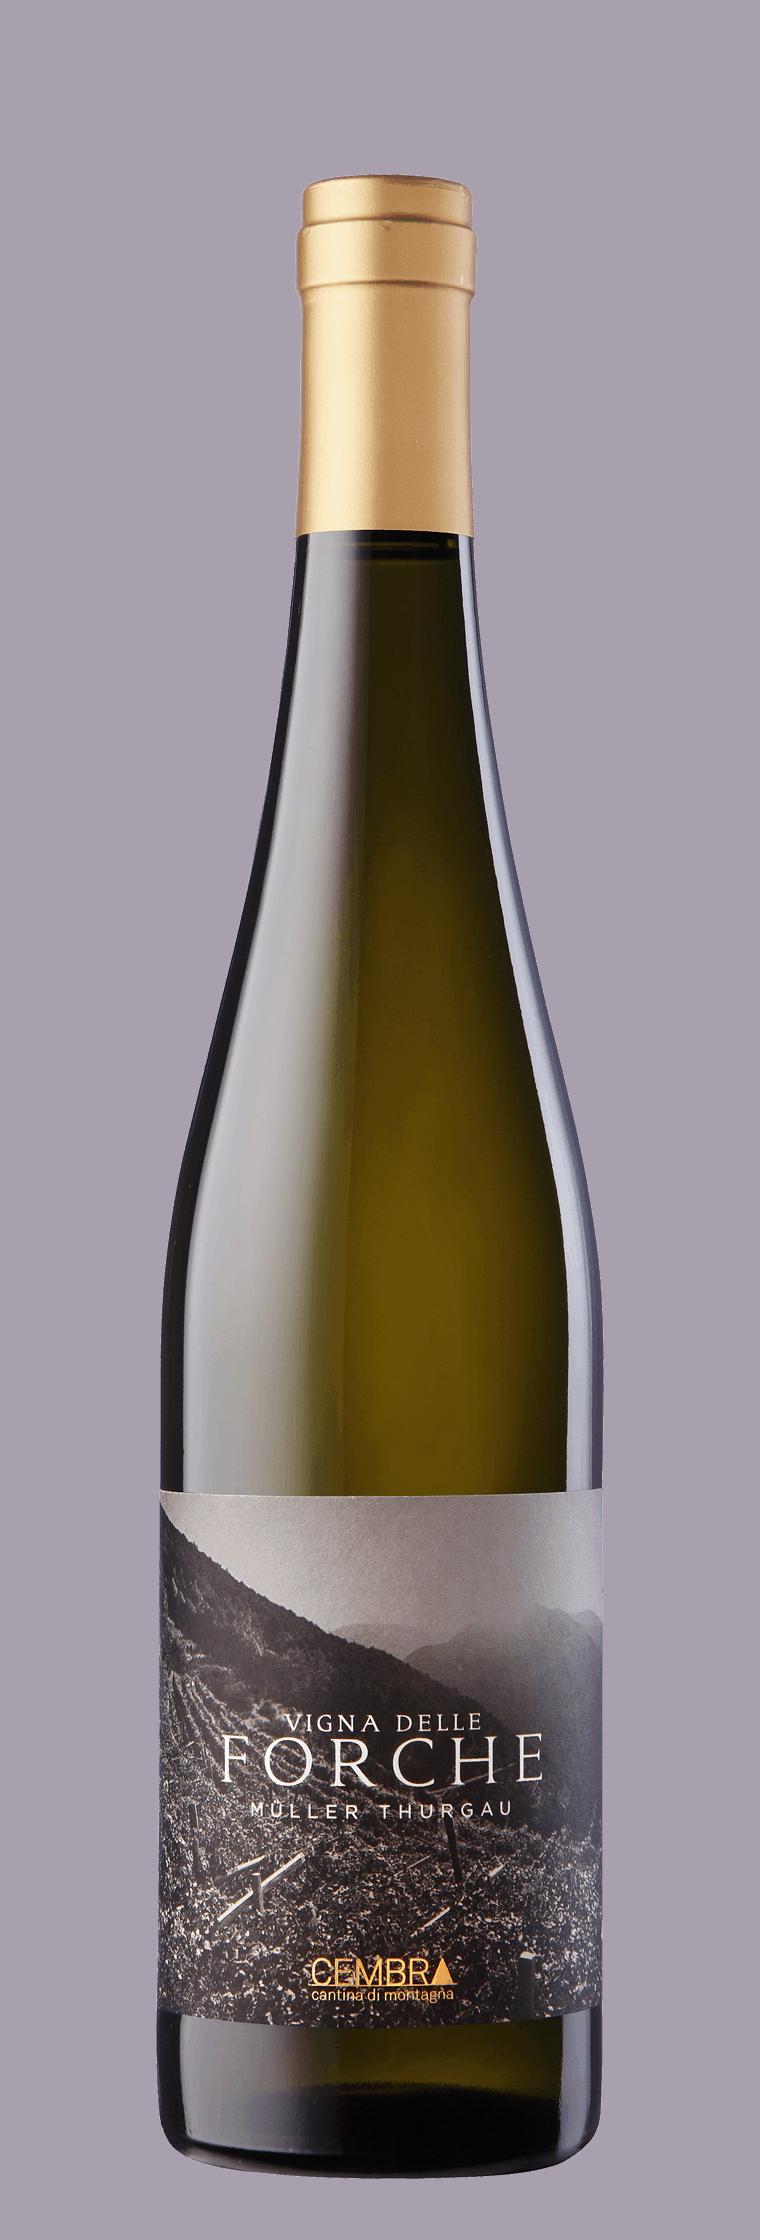 Vigne delle Forche bottle